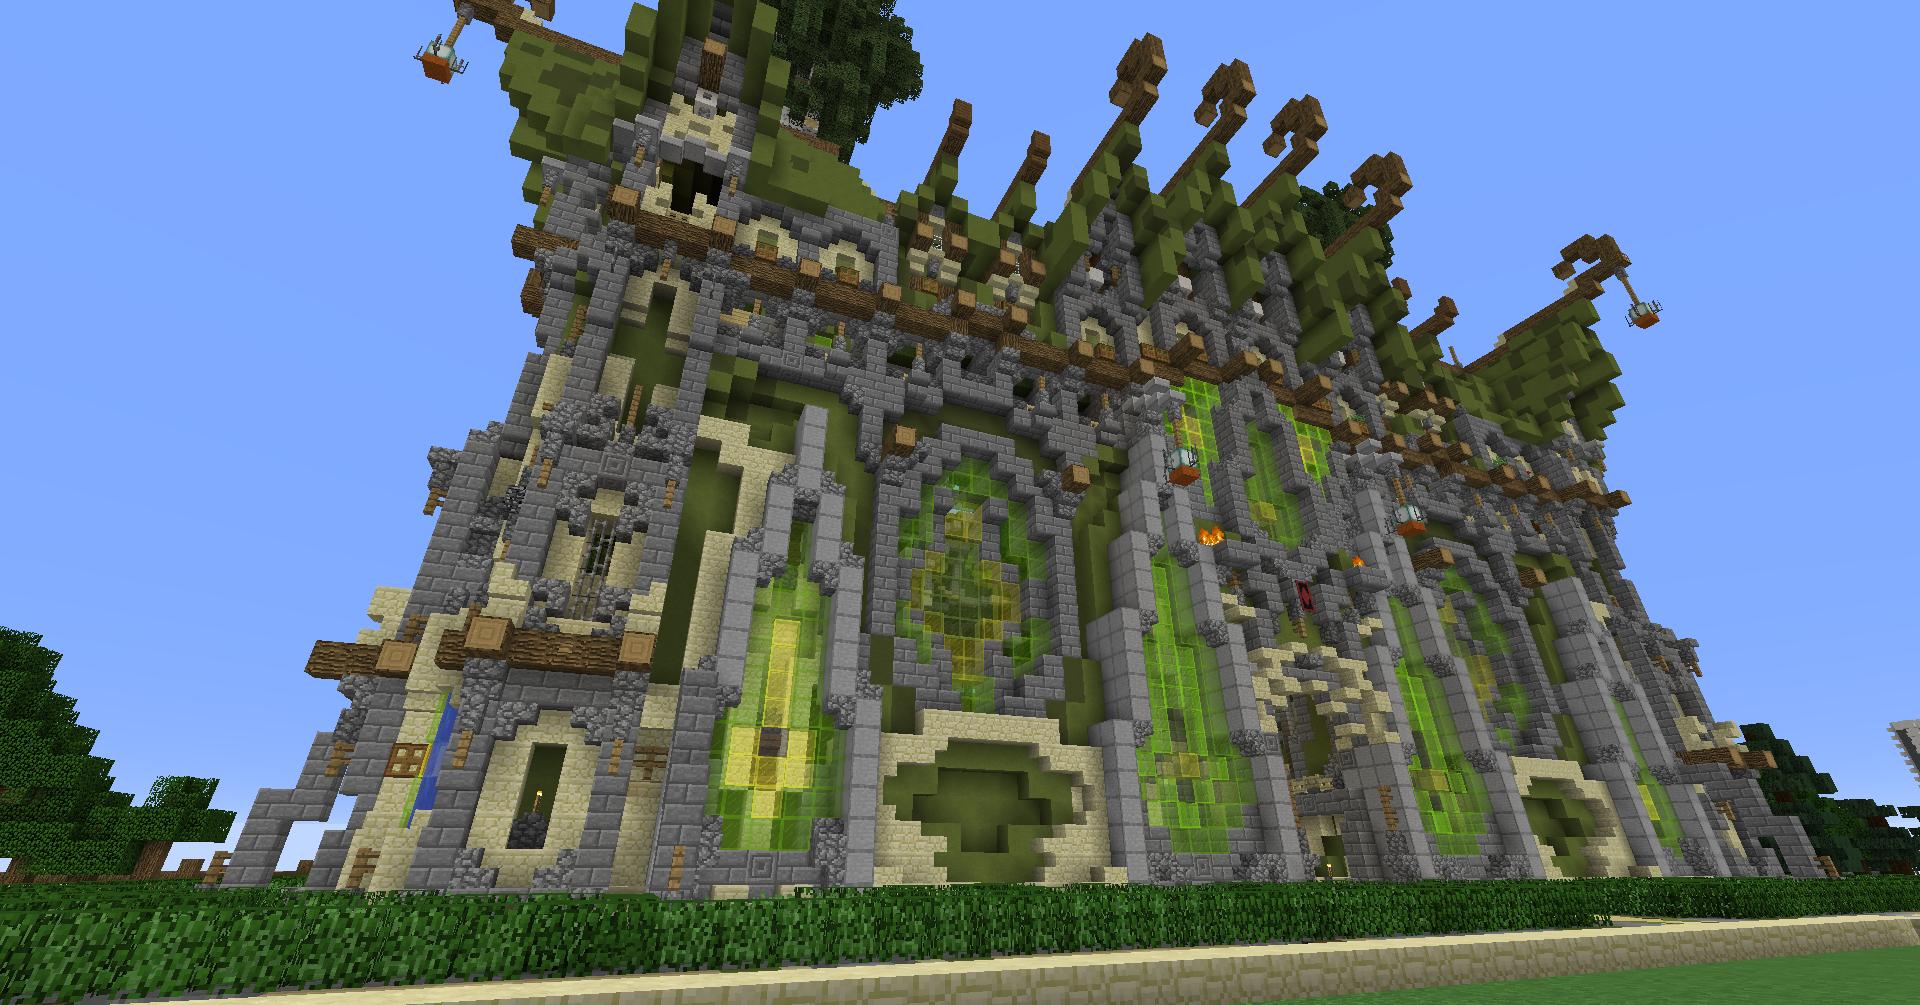 Kleiner minecraft survival server gesucht minecraft - Minecraft bilder ...